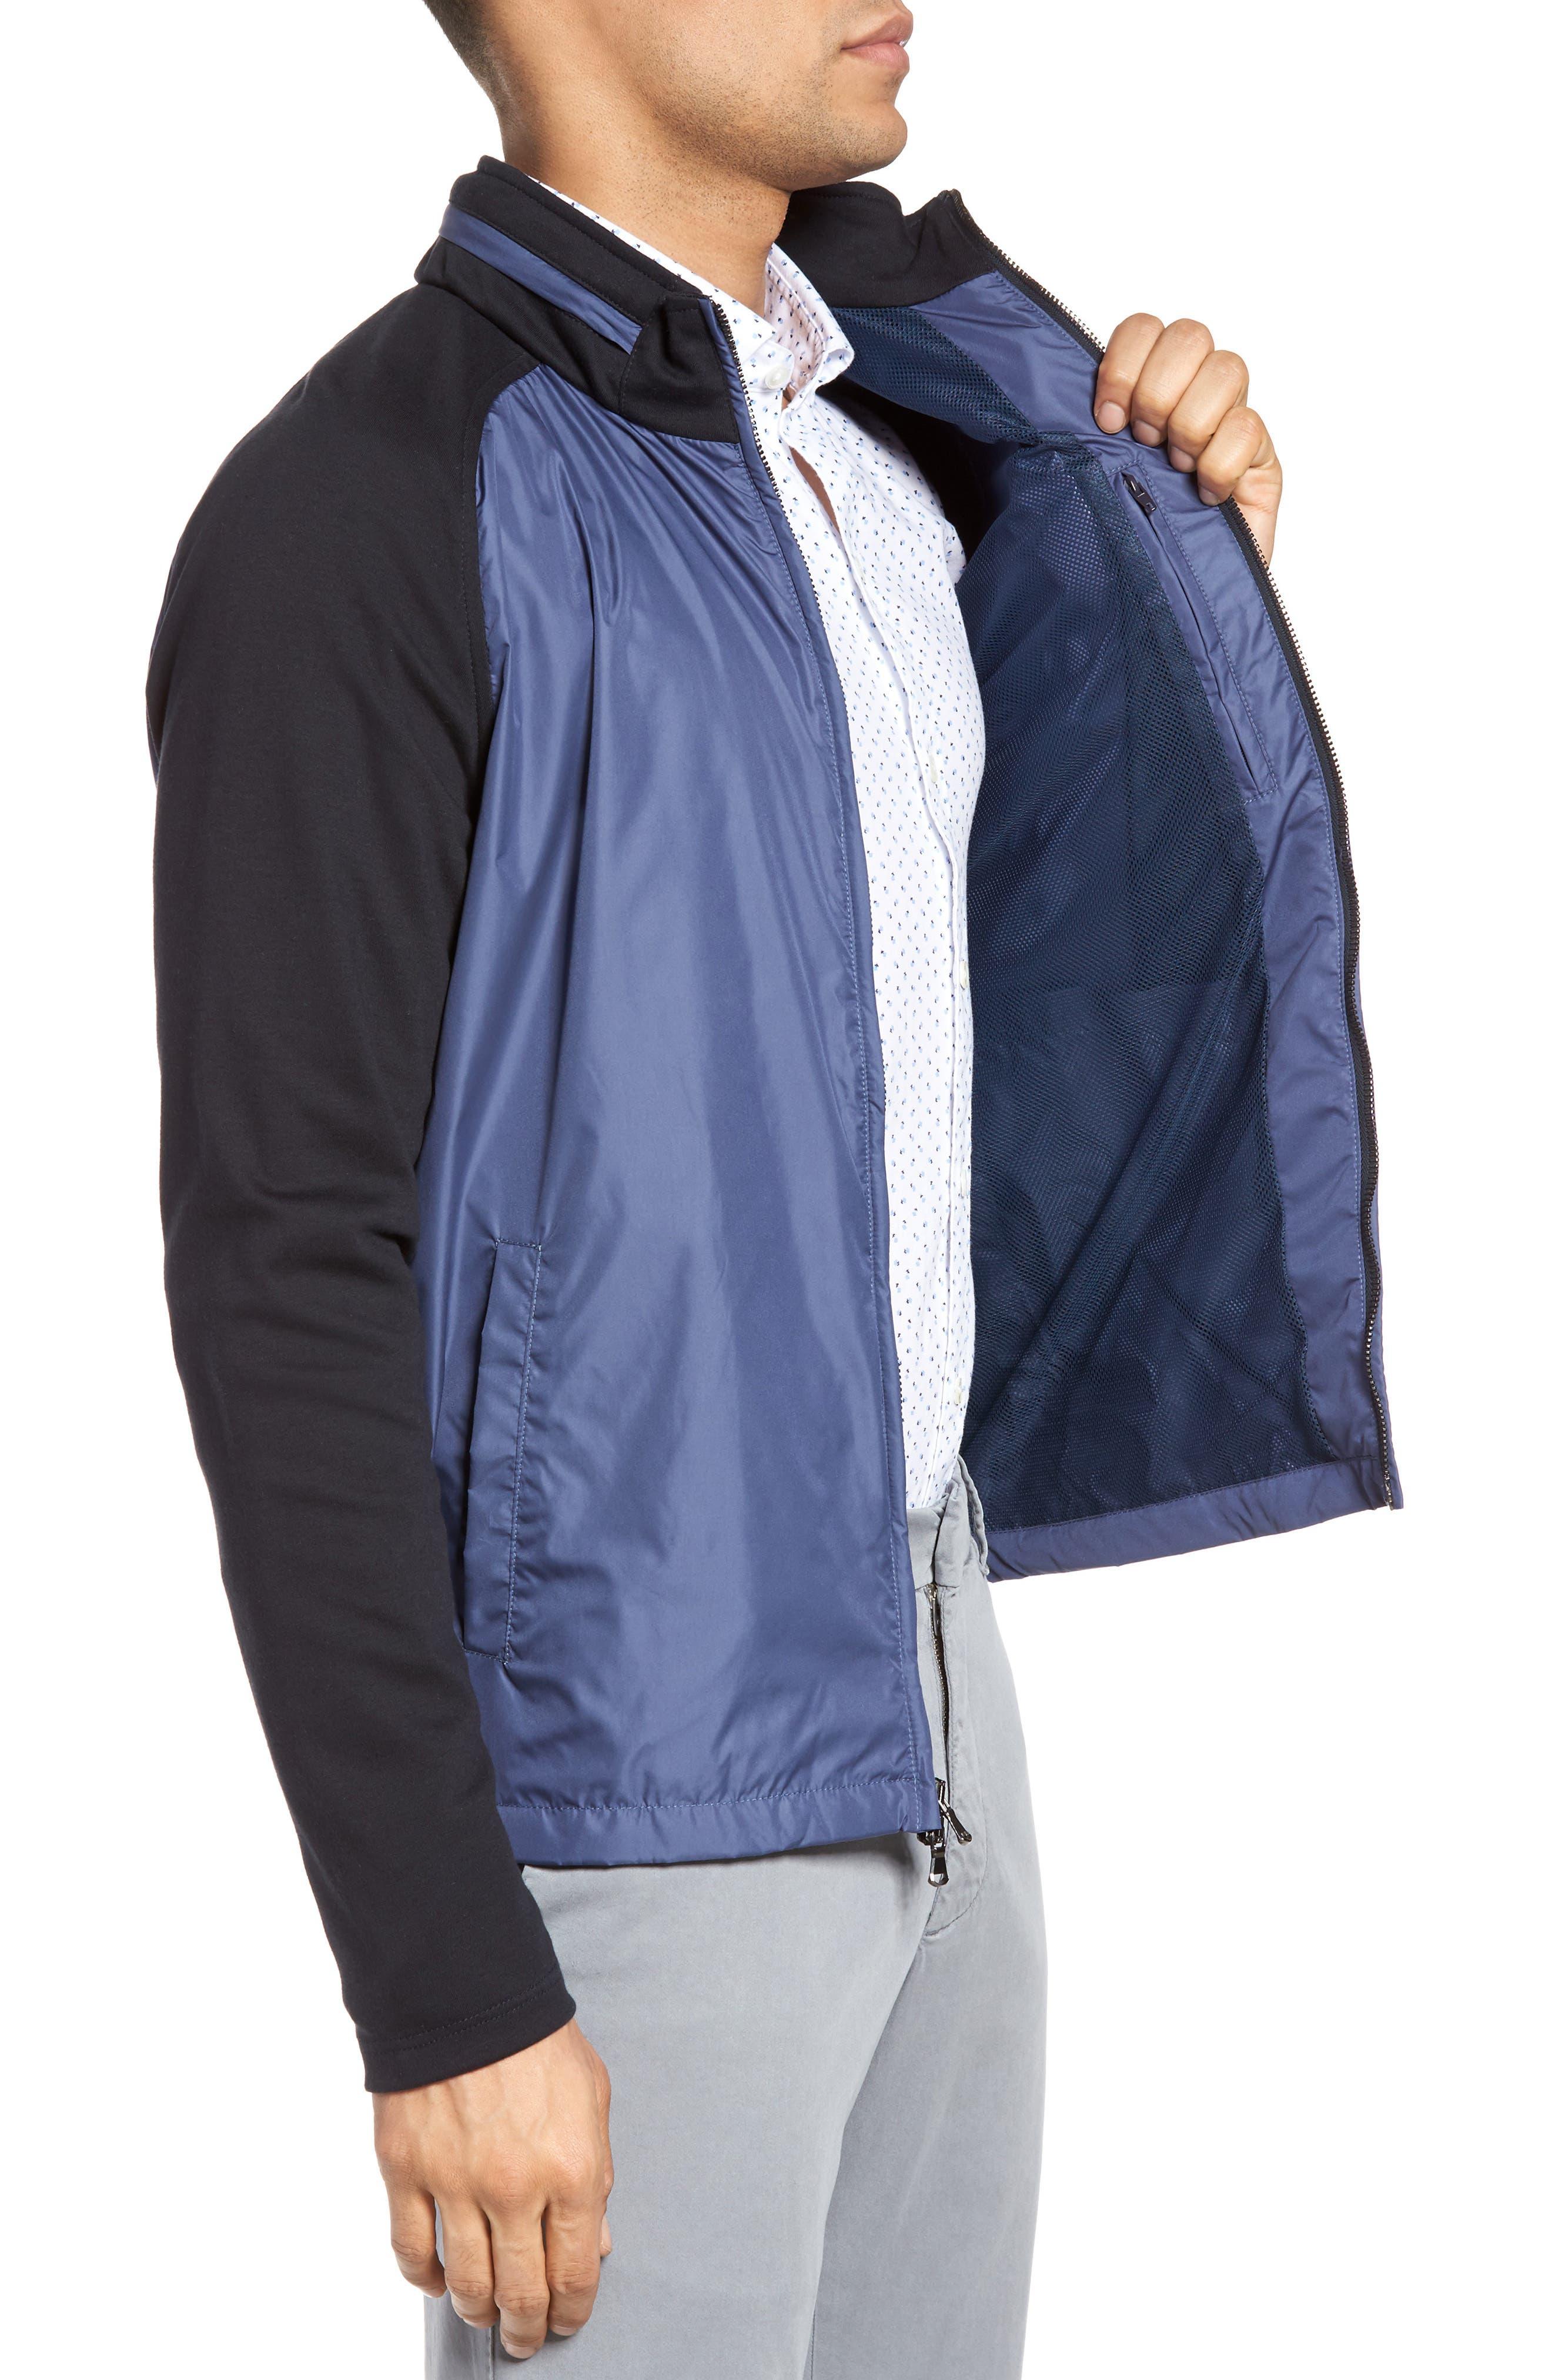 Alternate Image 3  - Zachary Prell Syconium Mixed Media Zip Front Jacket